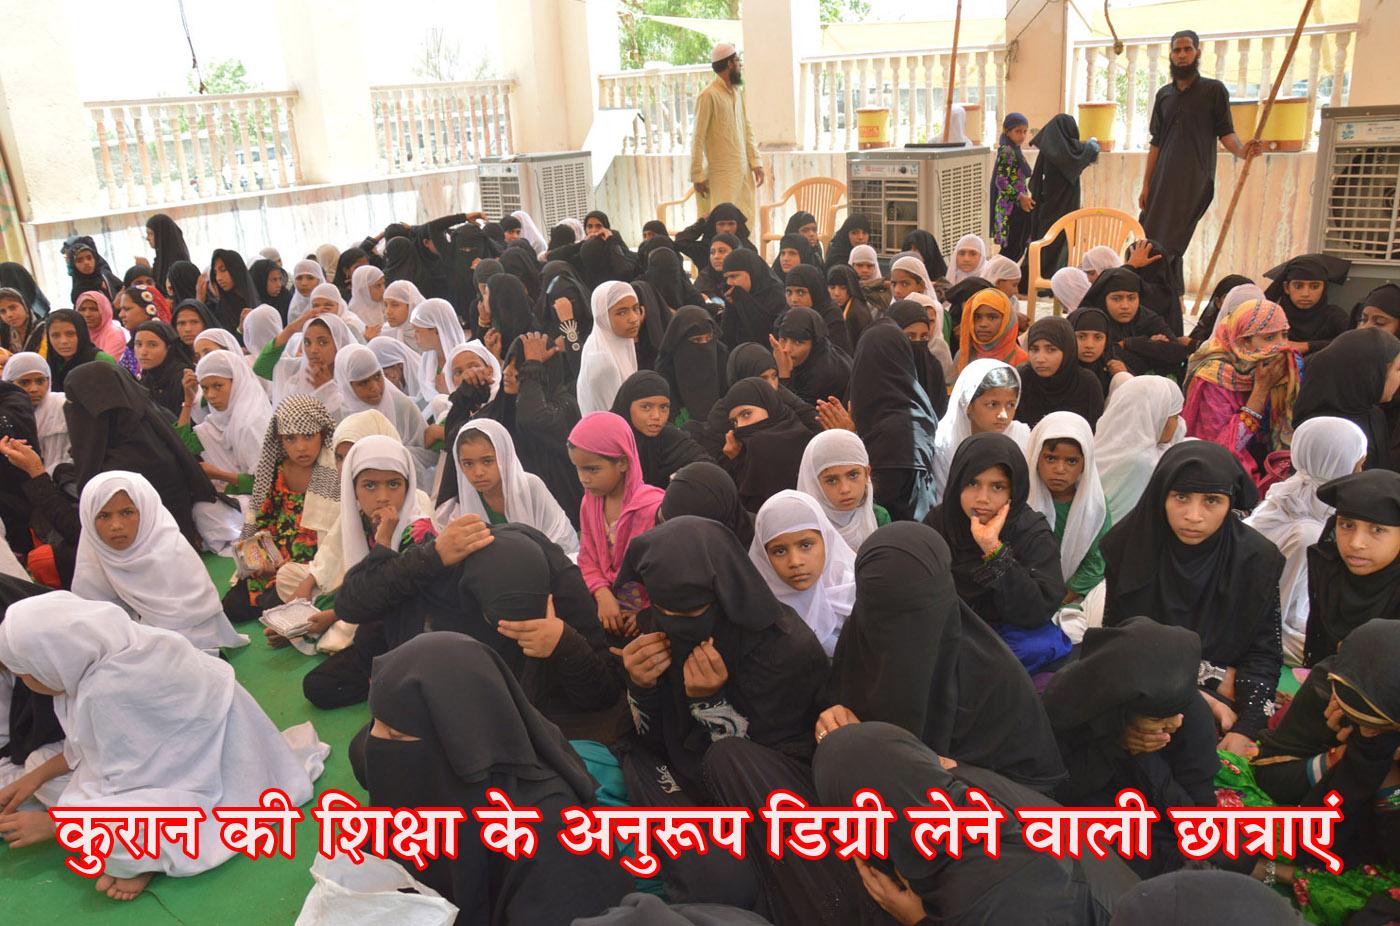 लड़कियों ने आलीमा और लड़कों ने हाफिज की डिग्री ली।  कुरान की शिक्षा को बढ़ाने का लिया संकल्प।